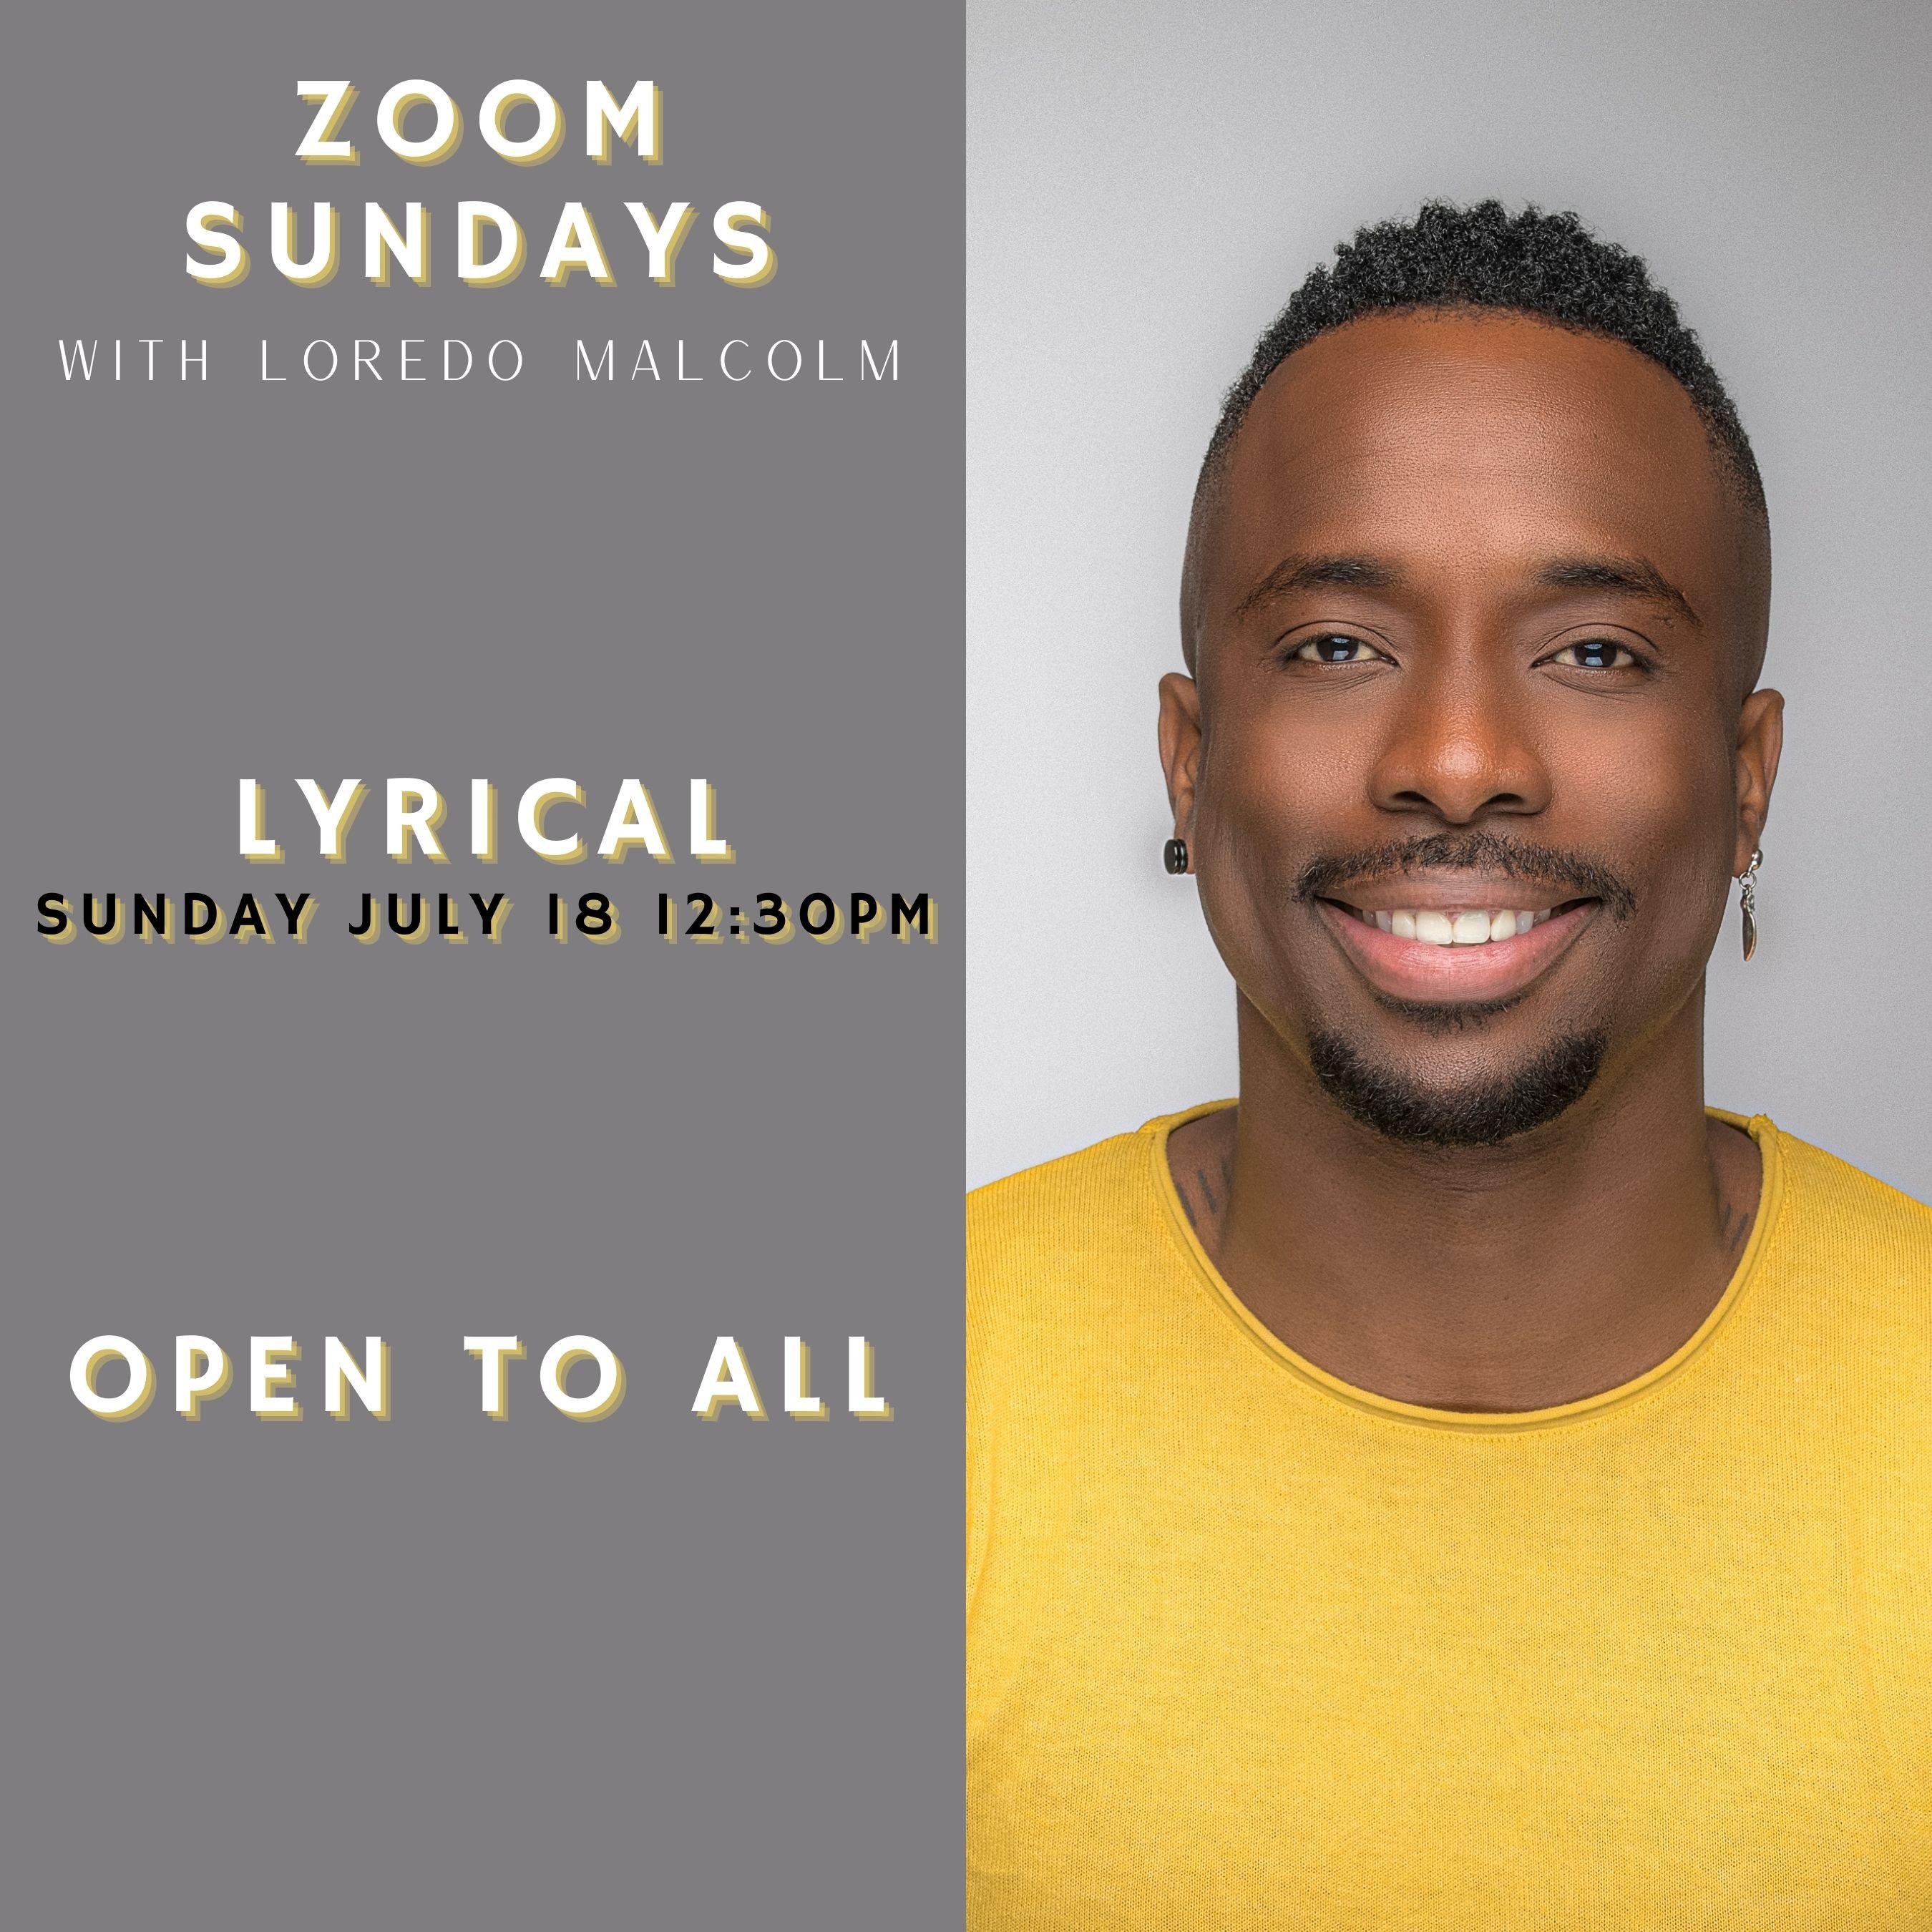 Zoom Sunday Lyrical July 18th 12:30PM